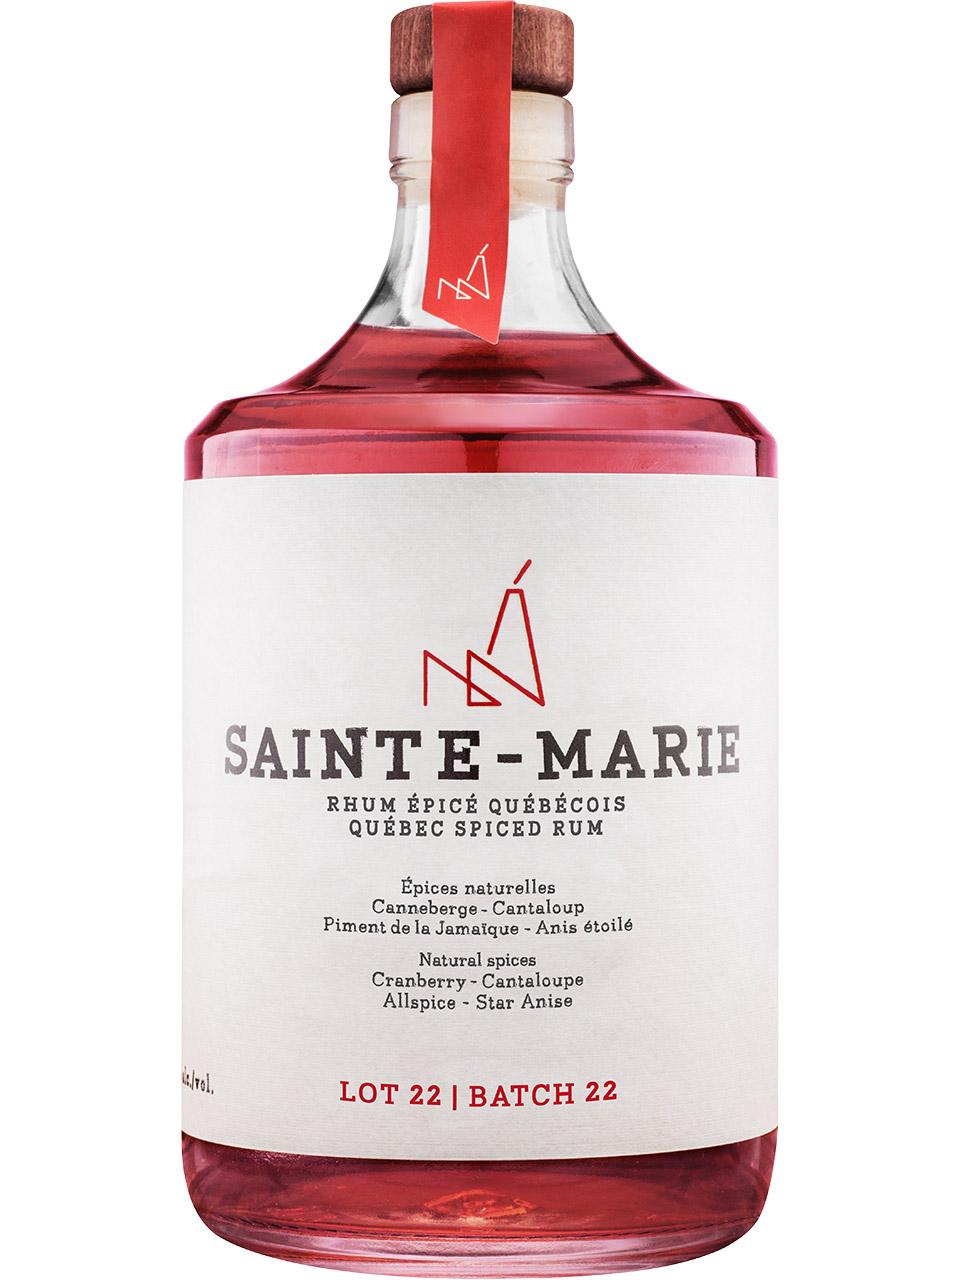 Sainte-Marie Spiced Rum